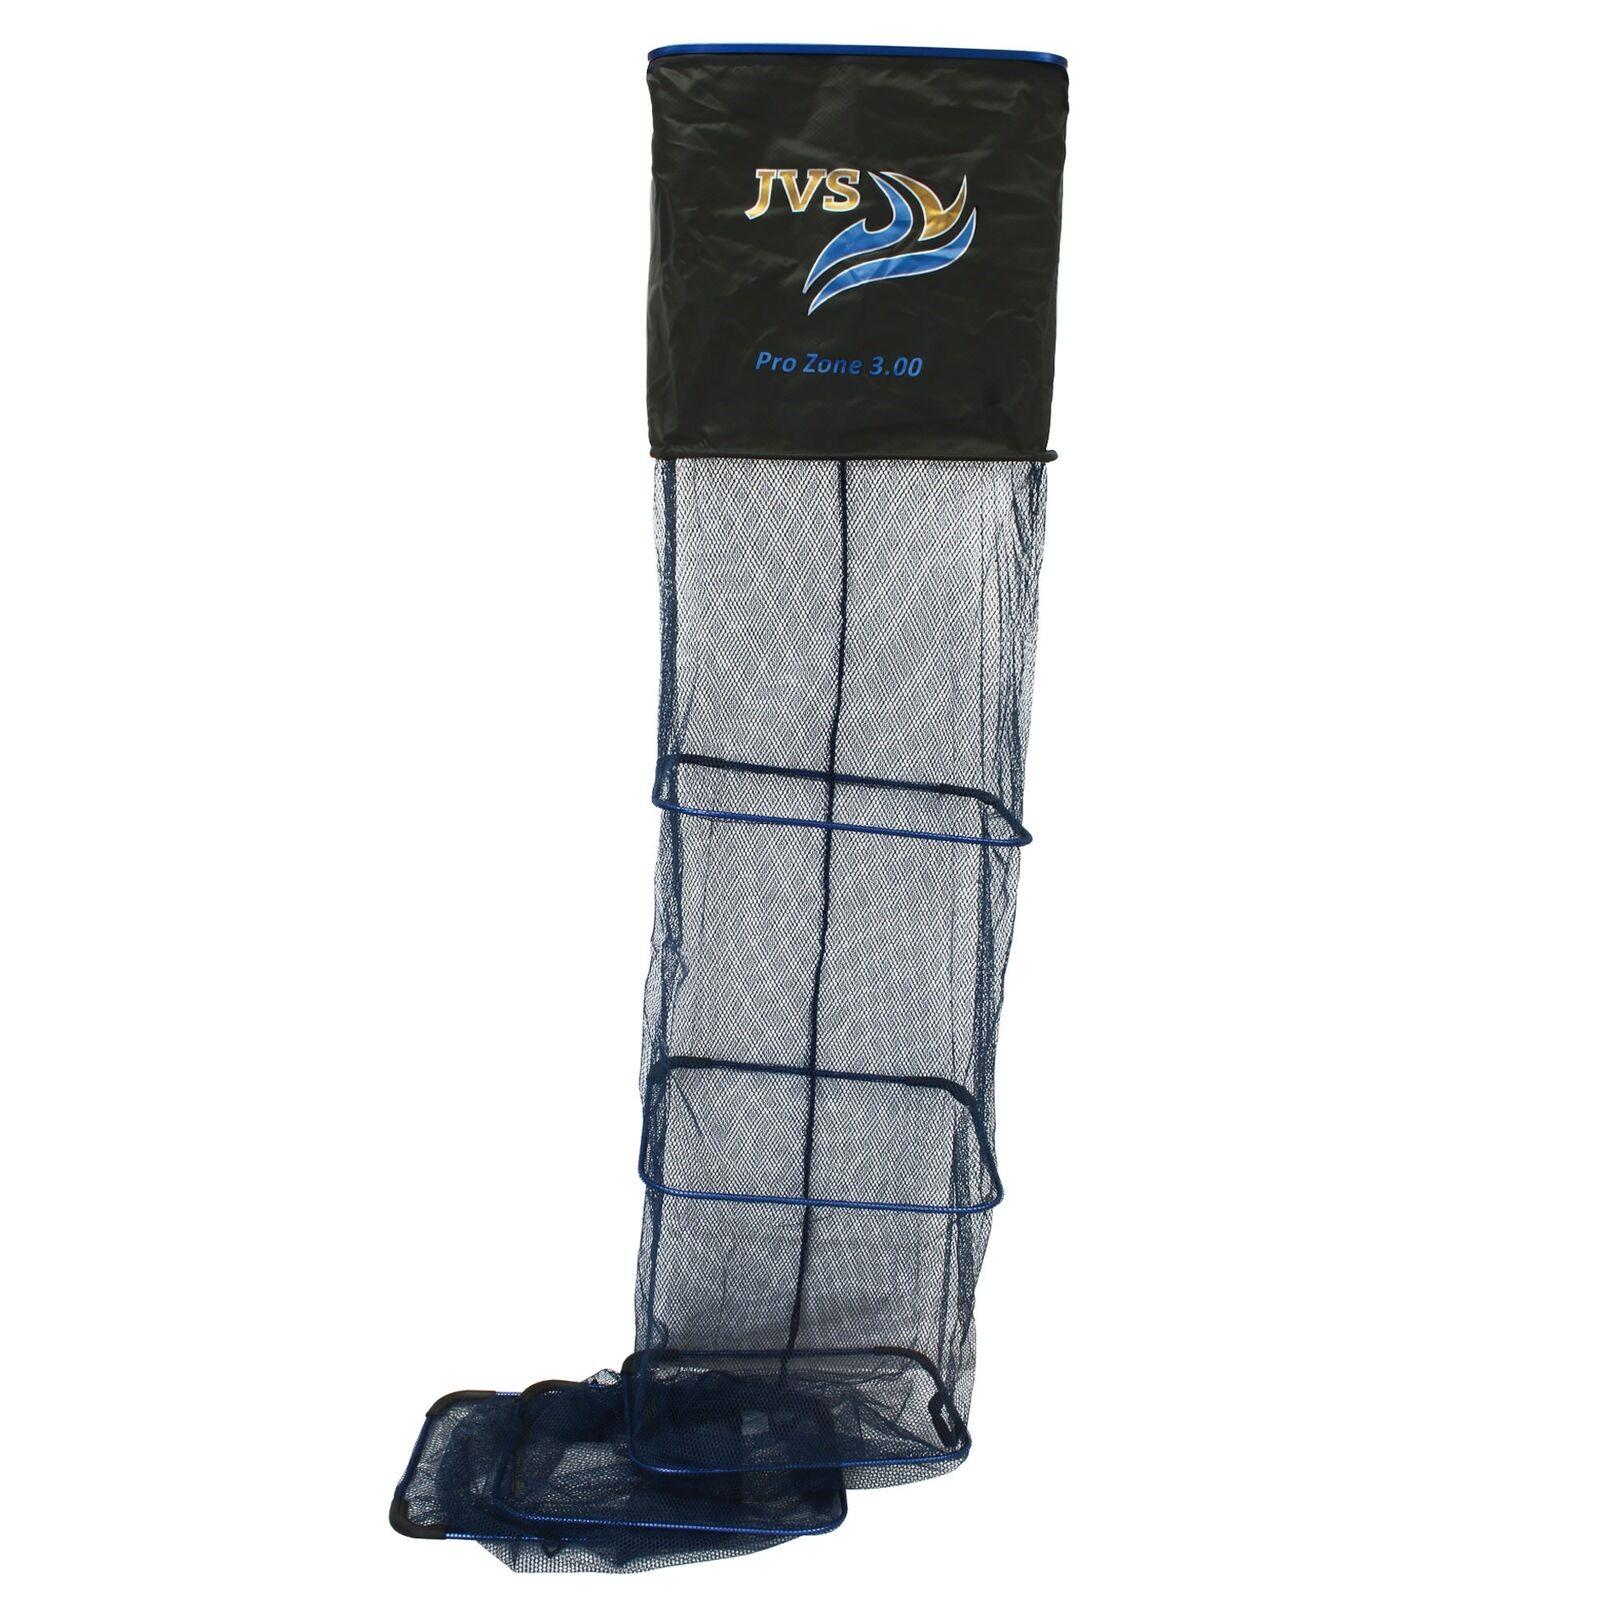 JVS setzkescher súper Deluxe pro 300cm micro-Mesh friedfisch angel recogehojas